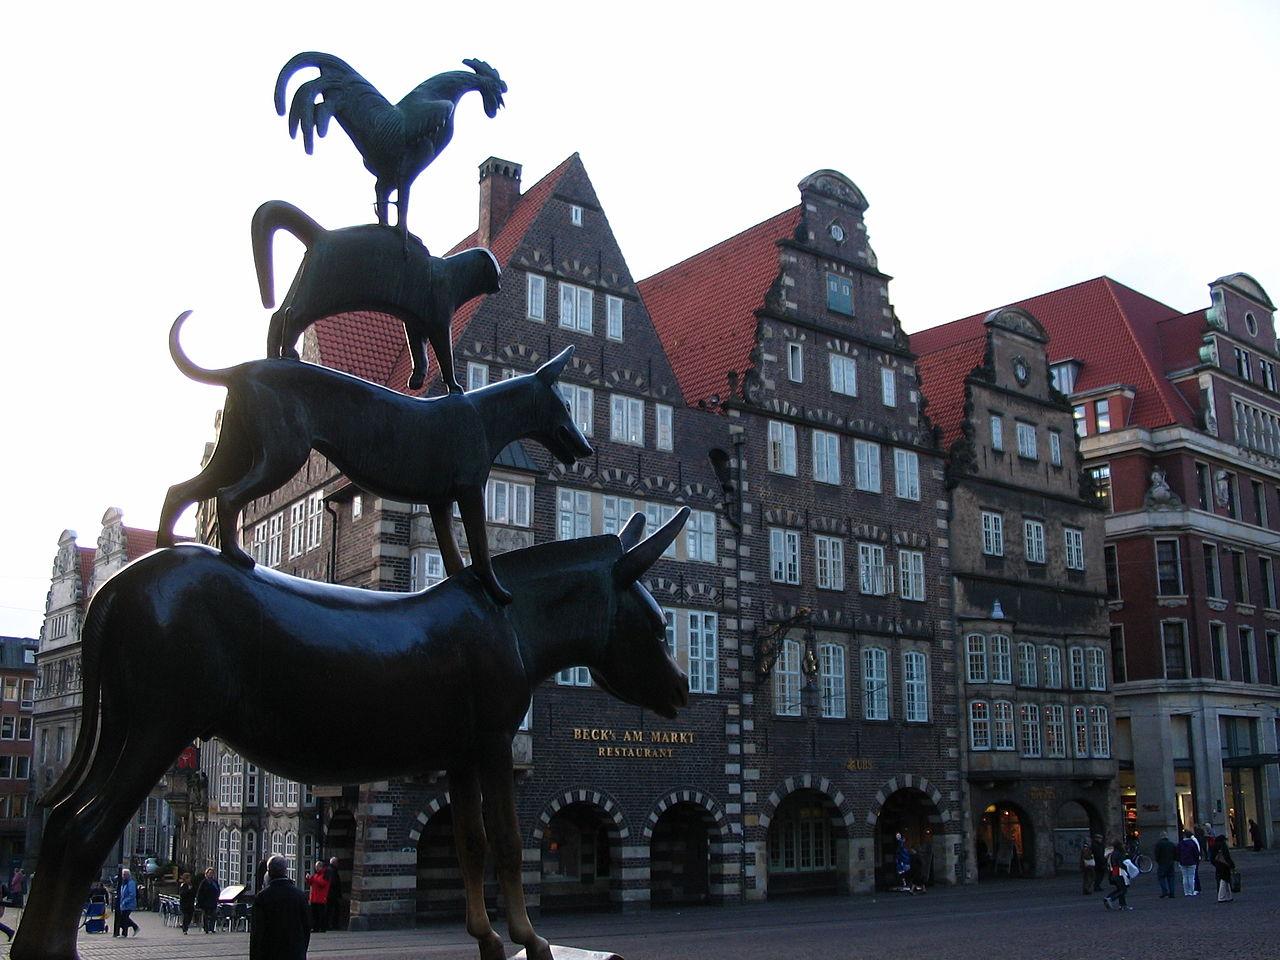 Нижняя Саксония и Бремен: особенности региона, достопримечательности, ландшафт, маршруты